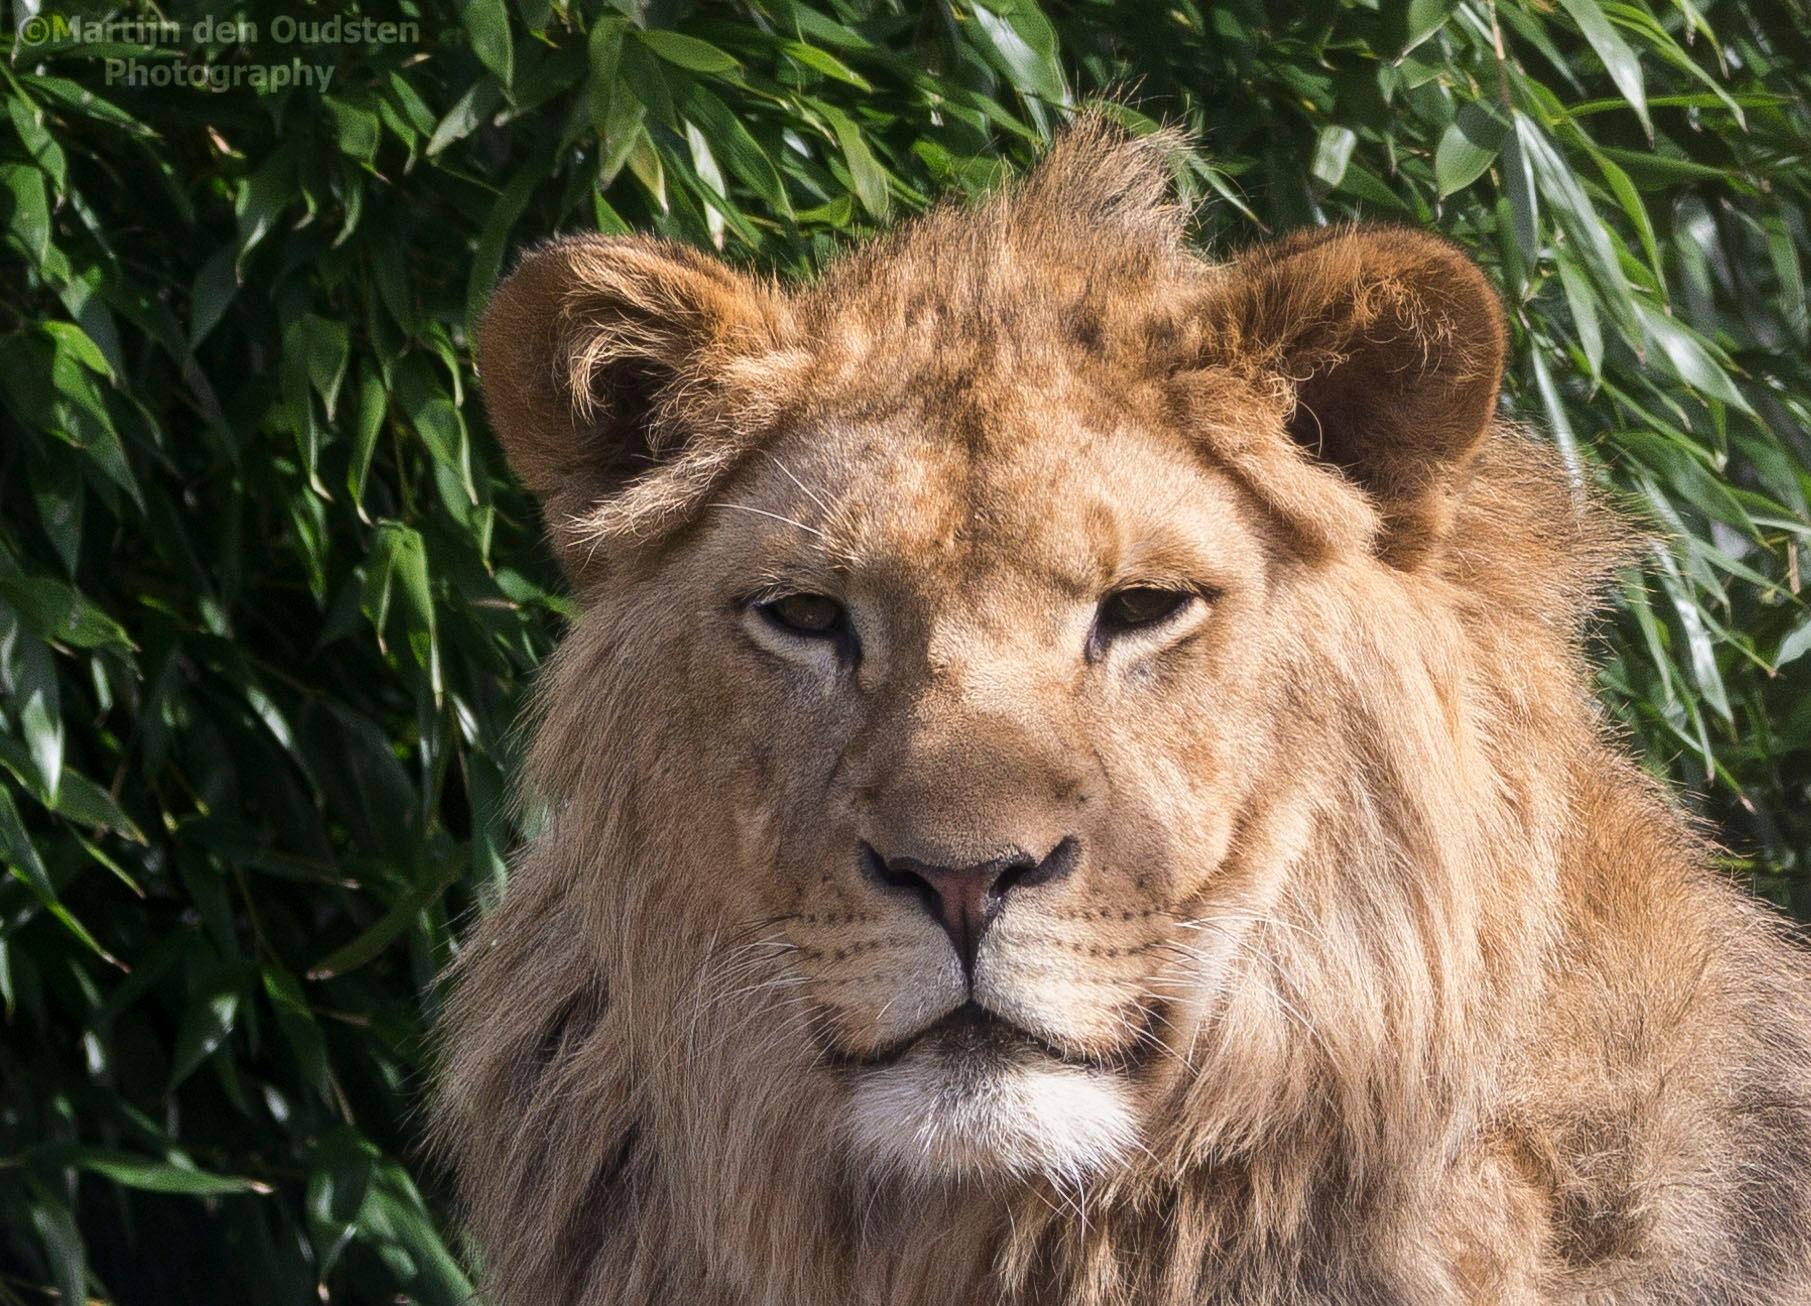 Lion cub by Martijn Den Oudsten